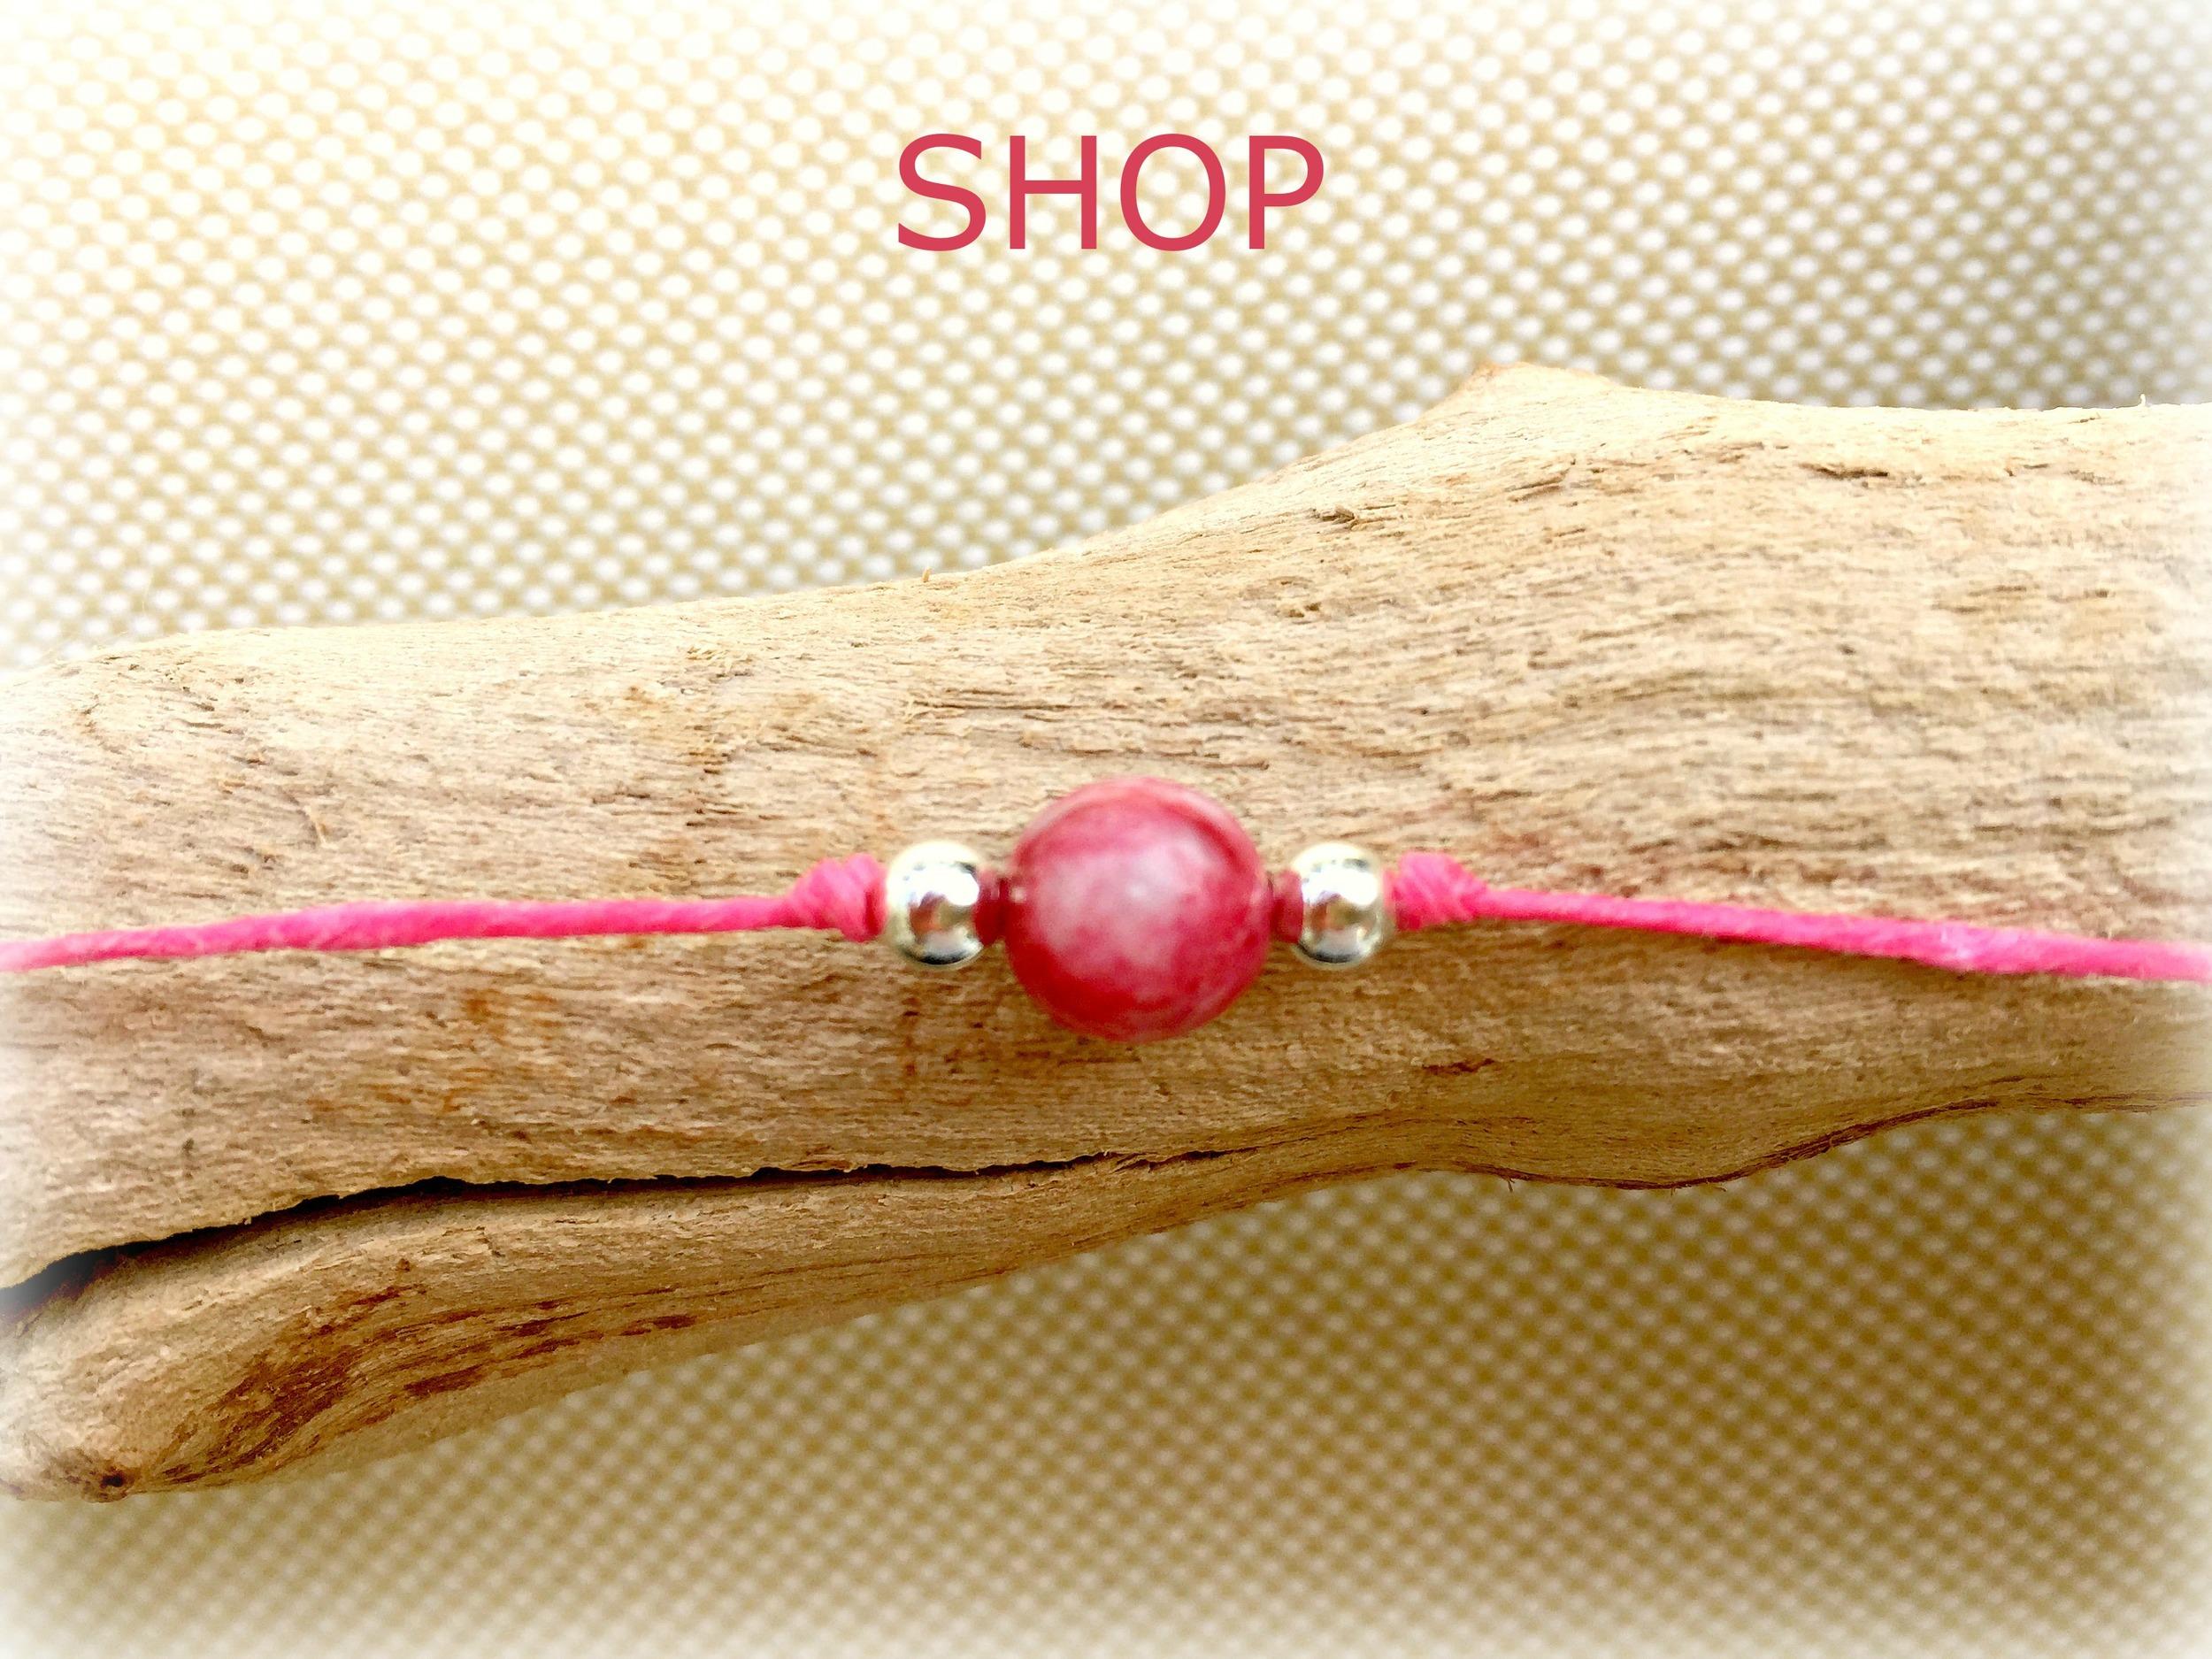 pinkdriftSHOP.jpg